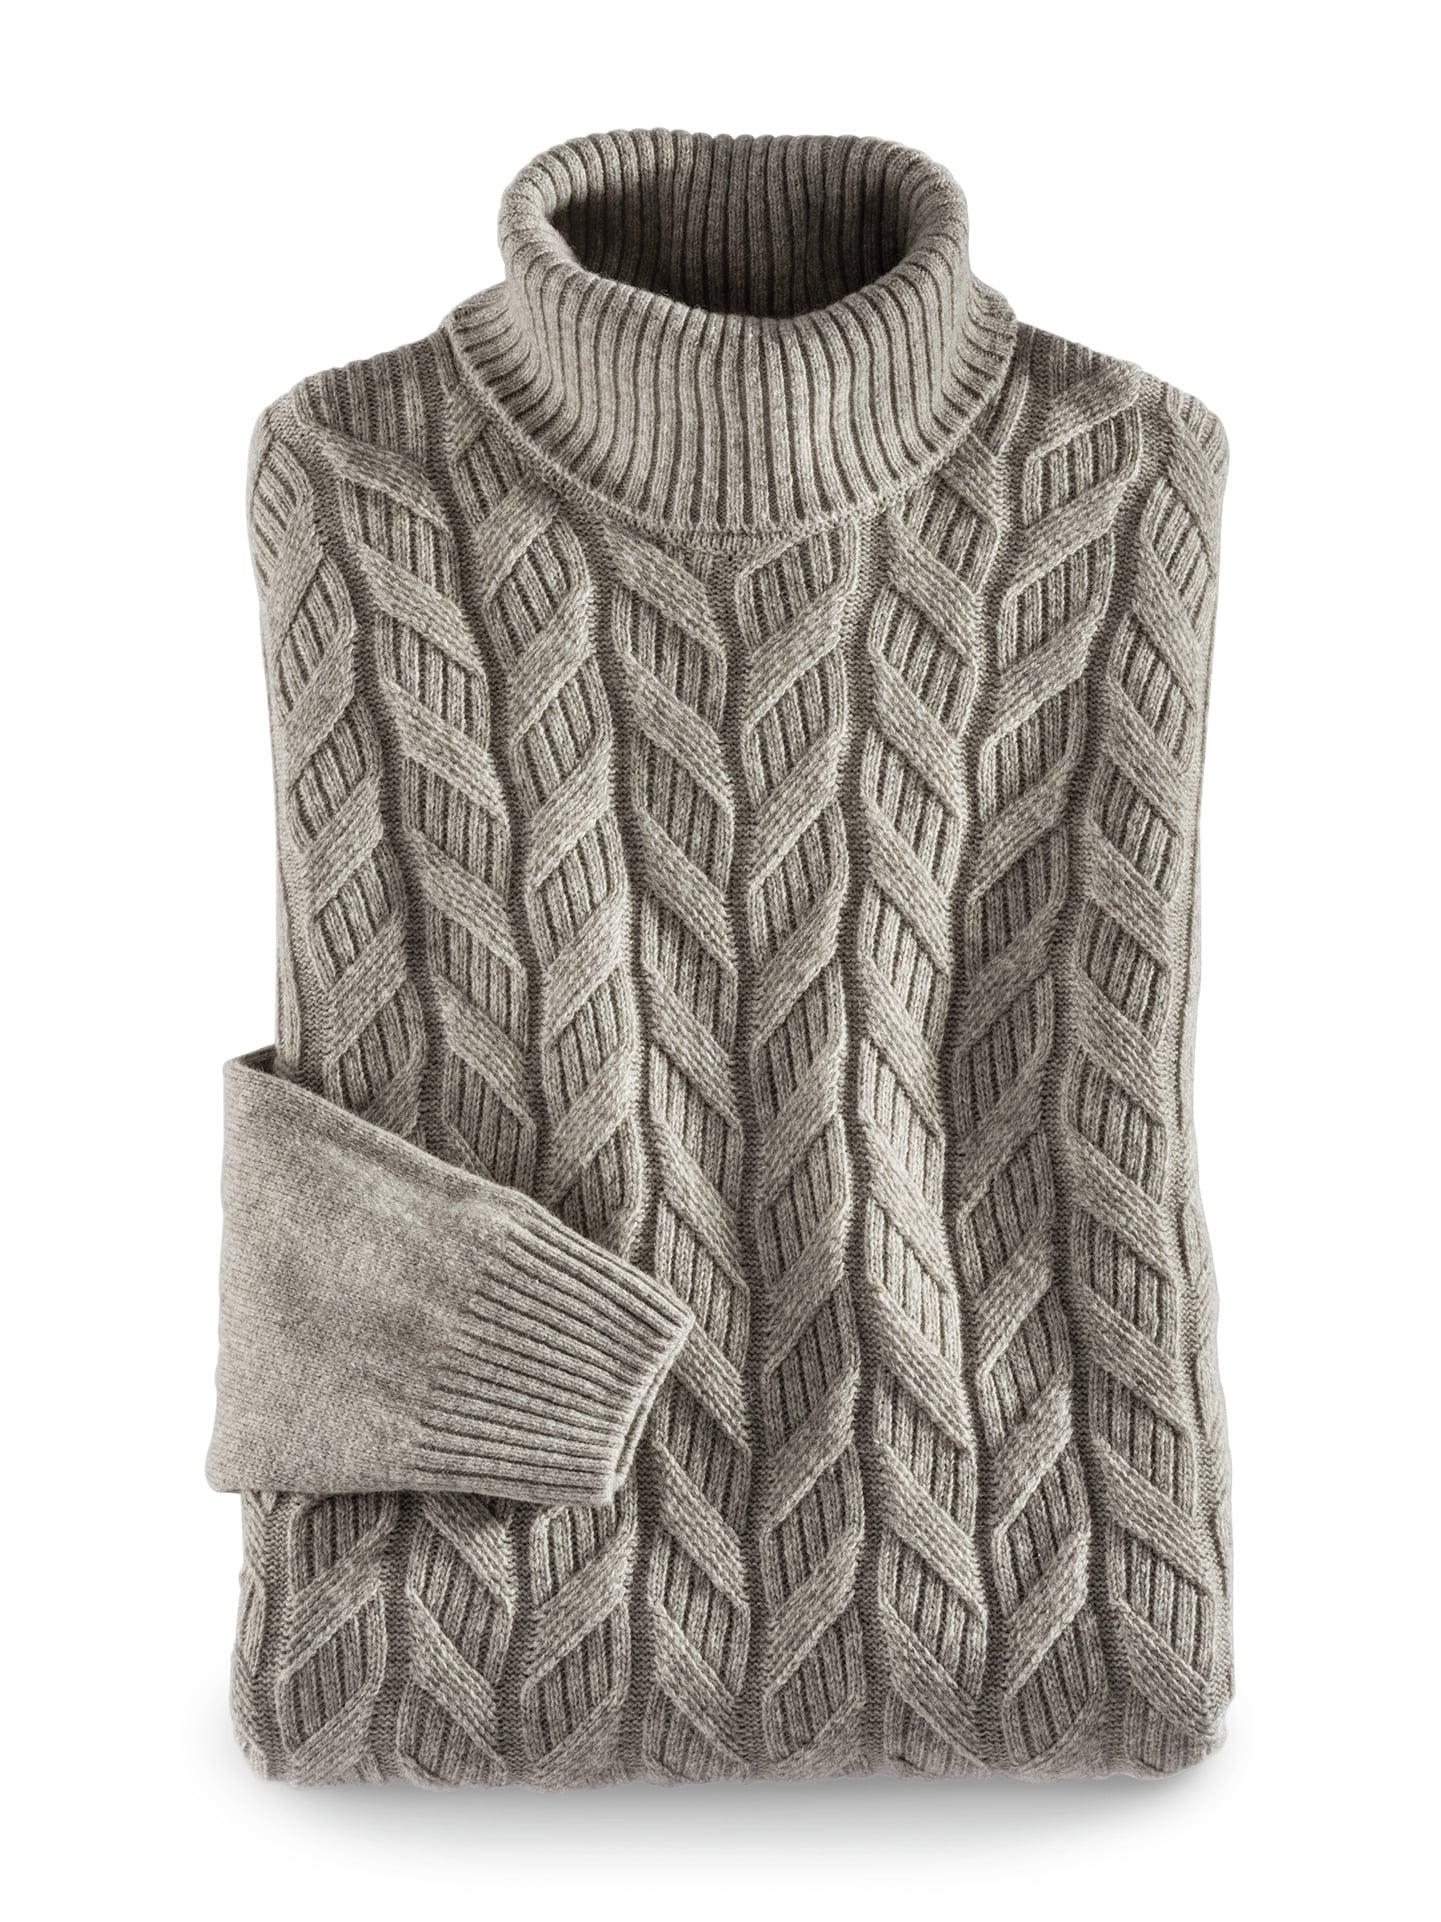 Walbusch Herren Zopf Pullover Himalaya Wolle einfarbig Natur 48, 50, 52, 54, 56, 58/60, 62/64 23-5170-6